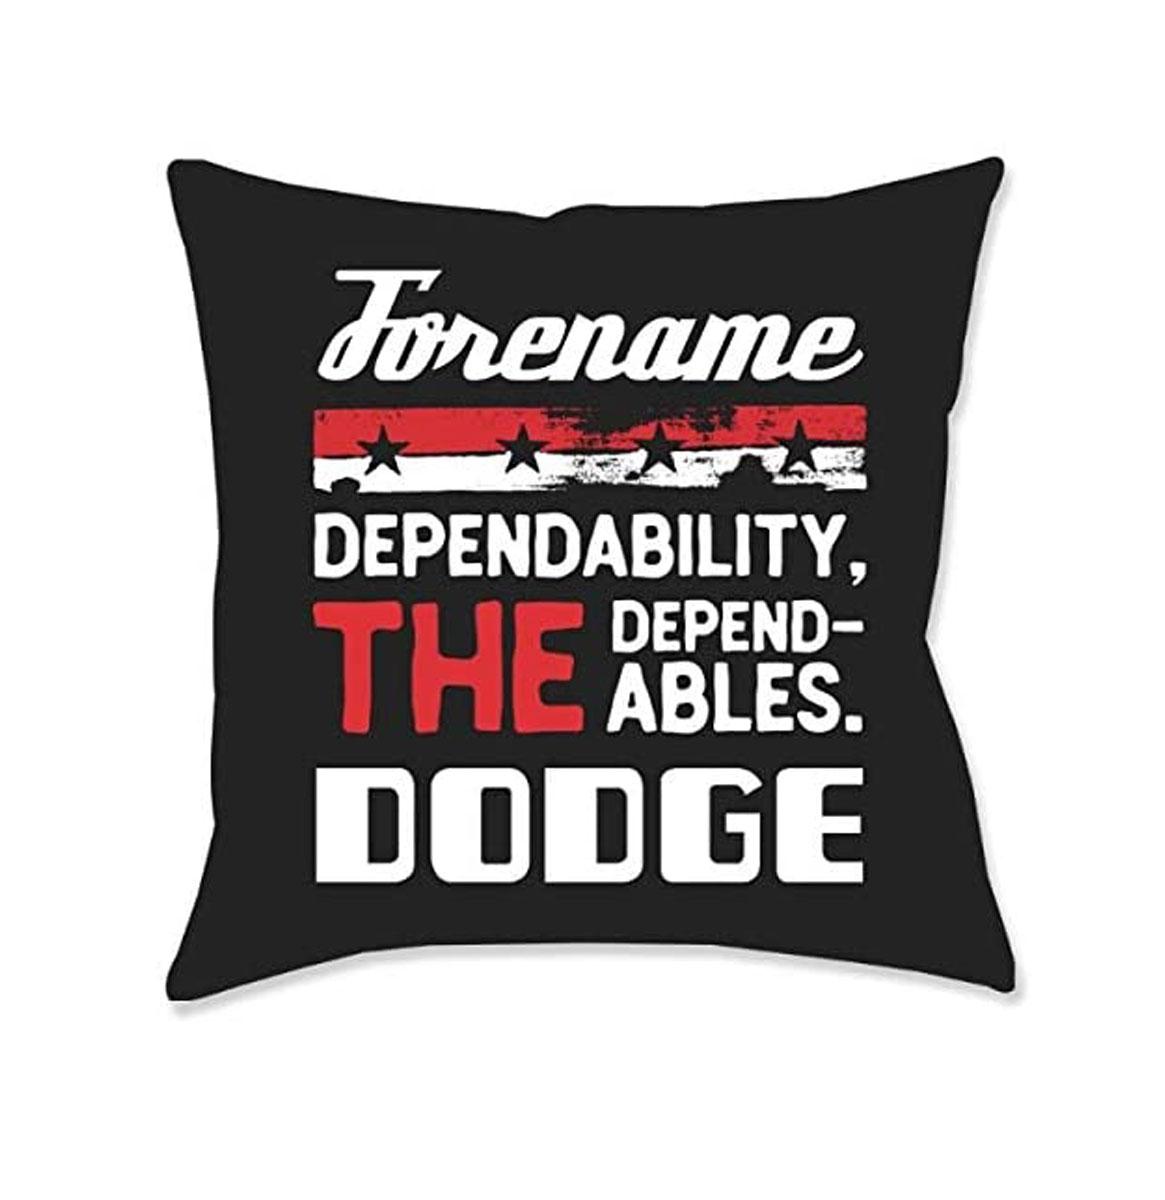 Gepersonaliseerd Dodge Dependables Kussen - Zwart (40x40 cm)